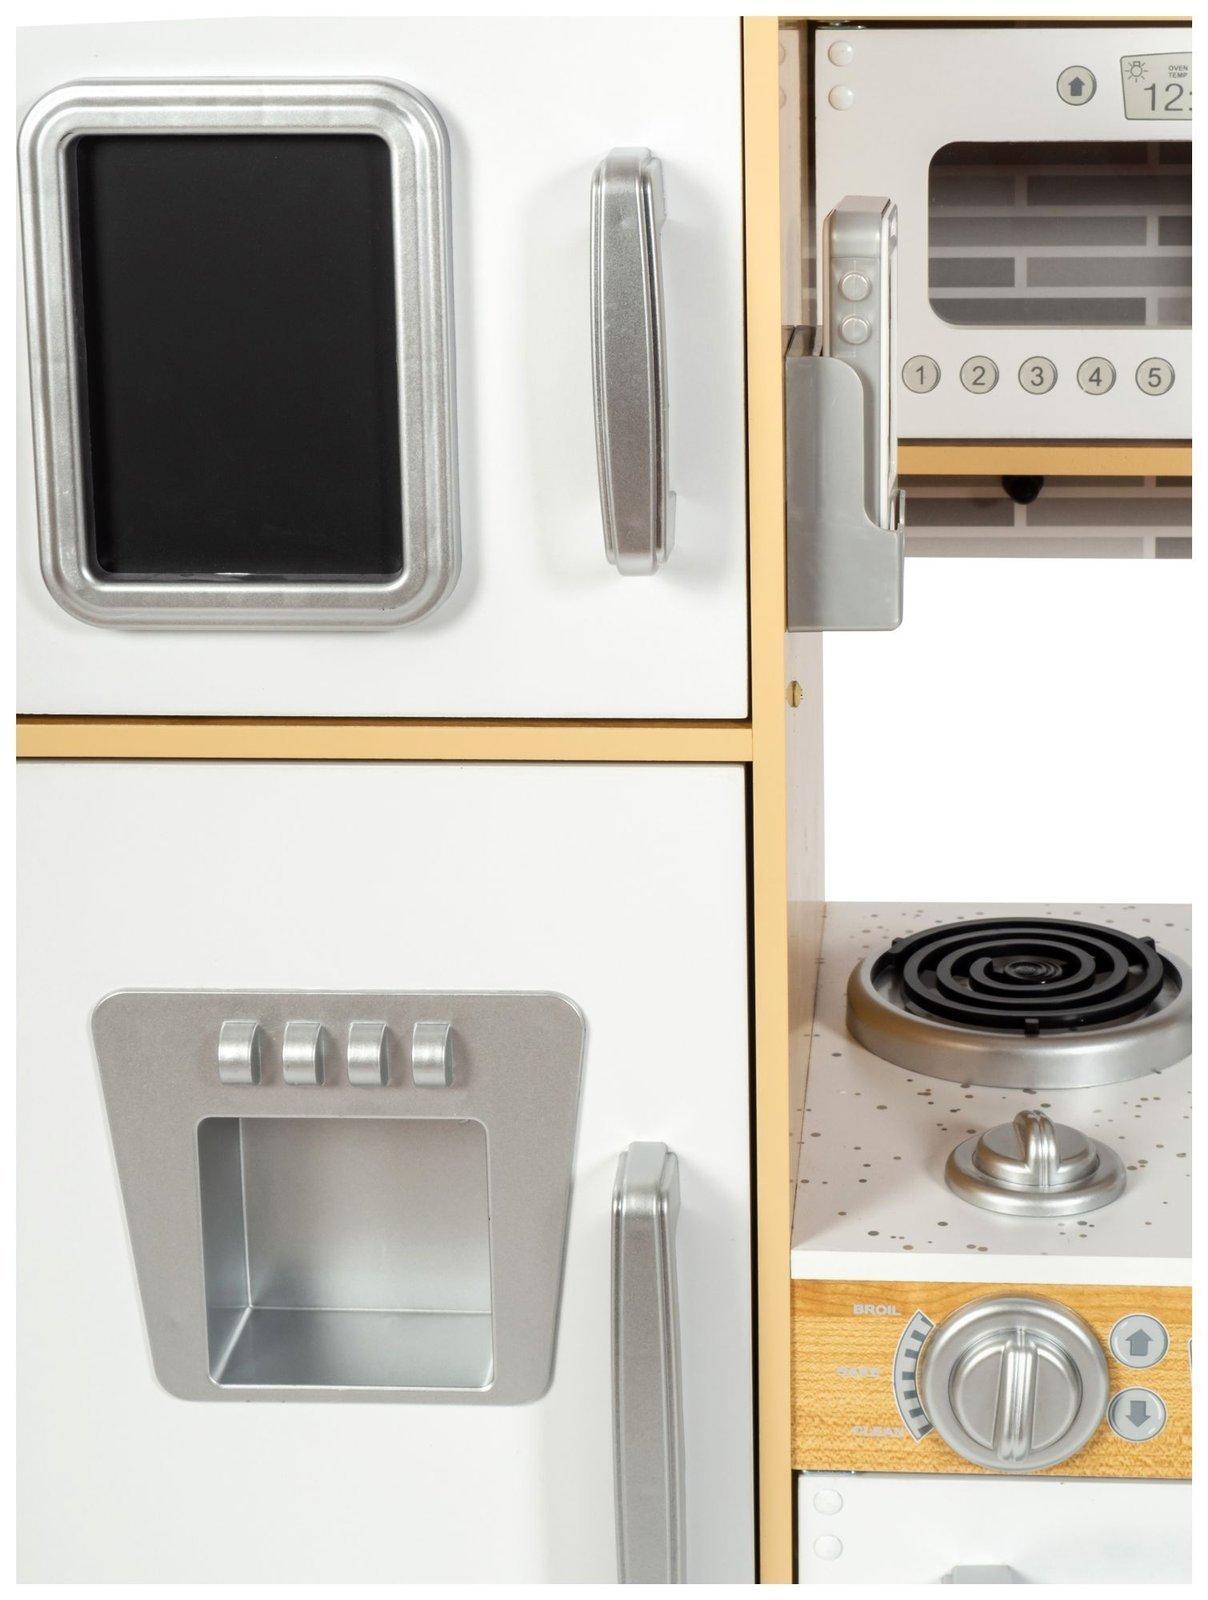 Kuchnia drewniana XXL z oświetleniem LED, fartuszkiem i akcesoriami